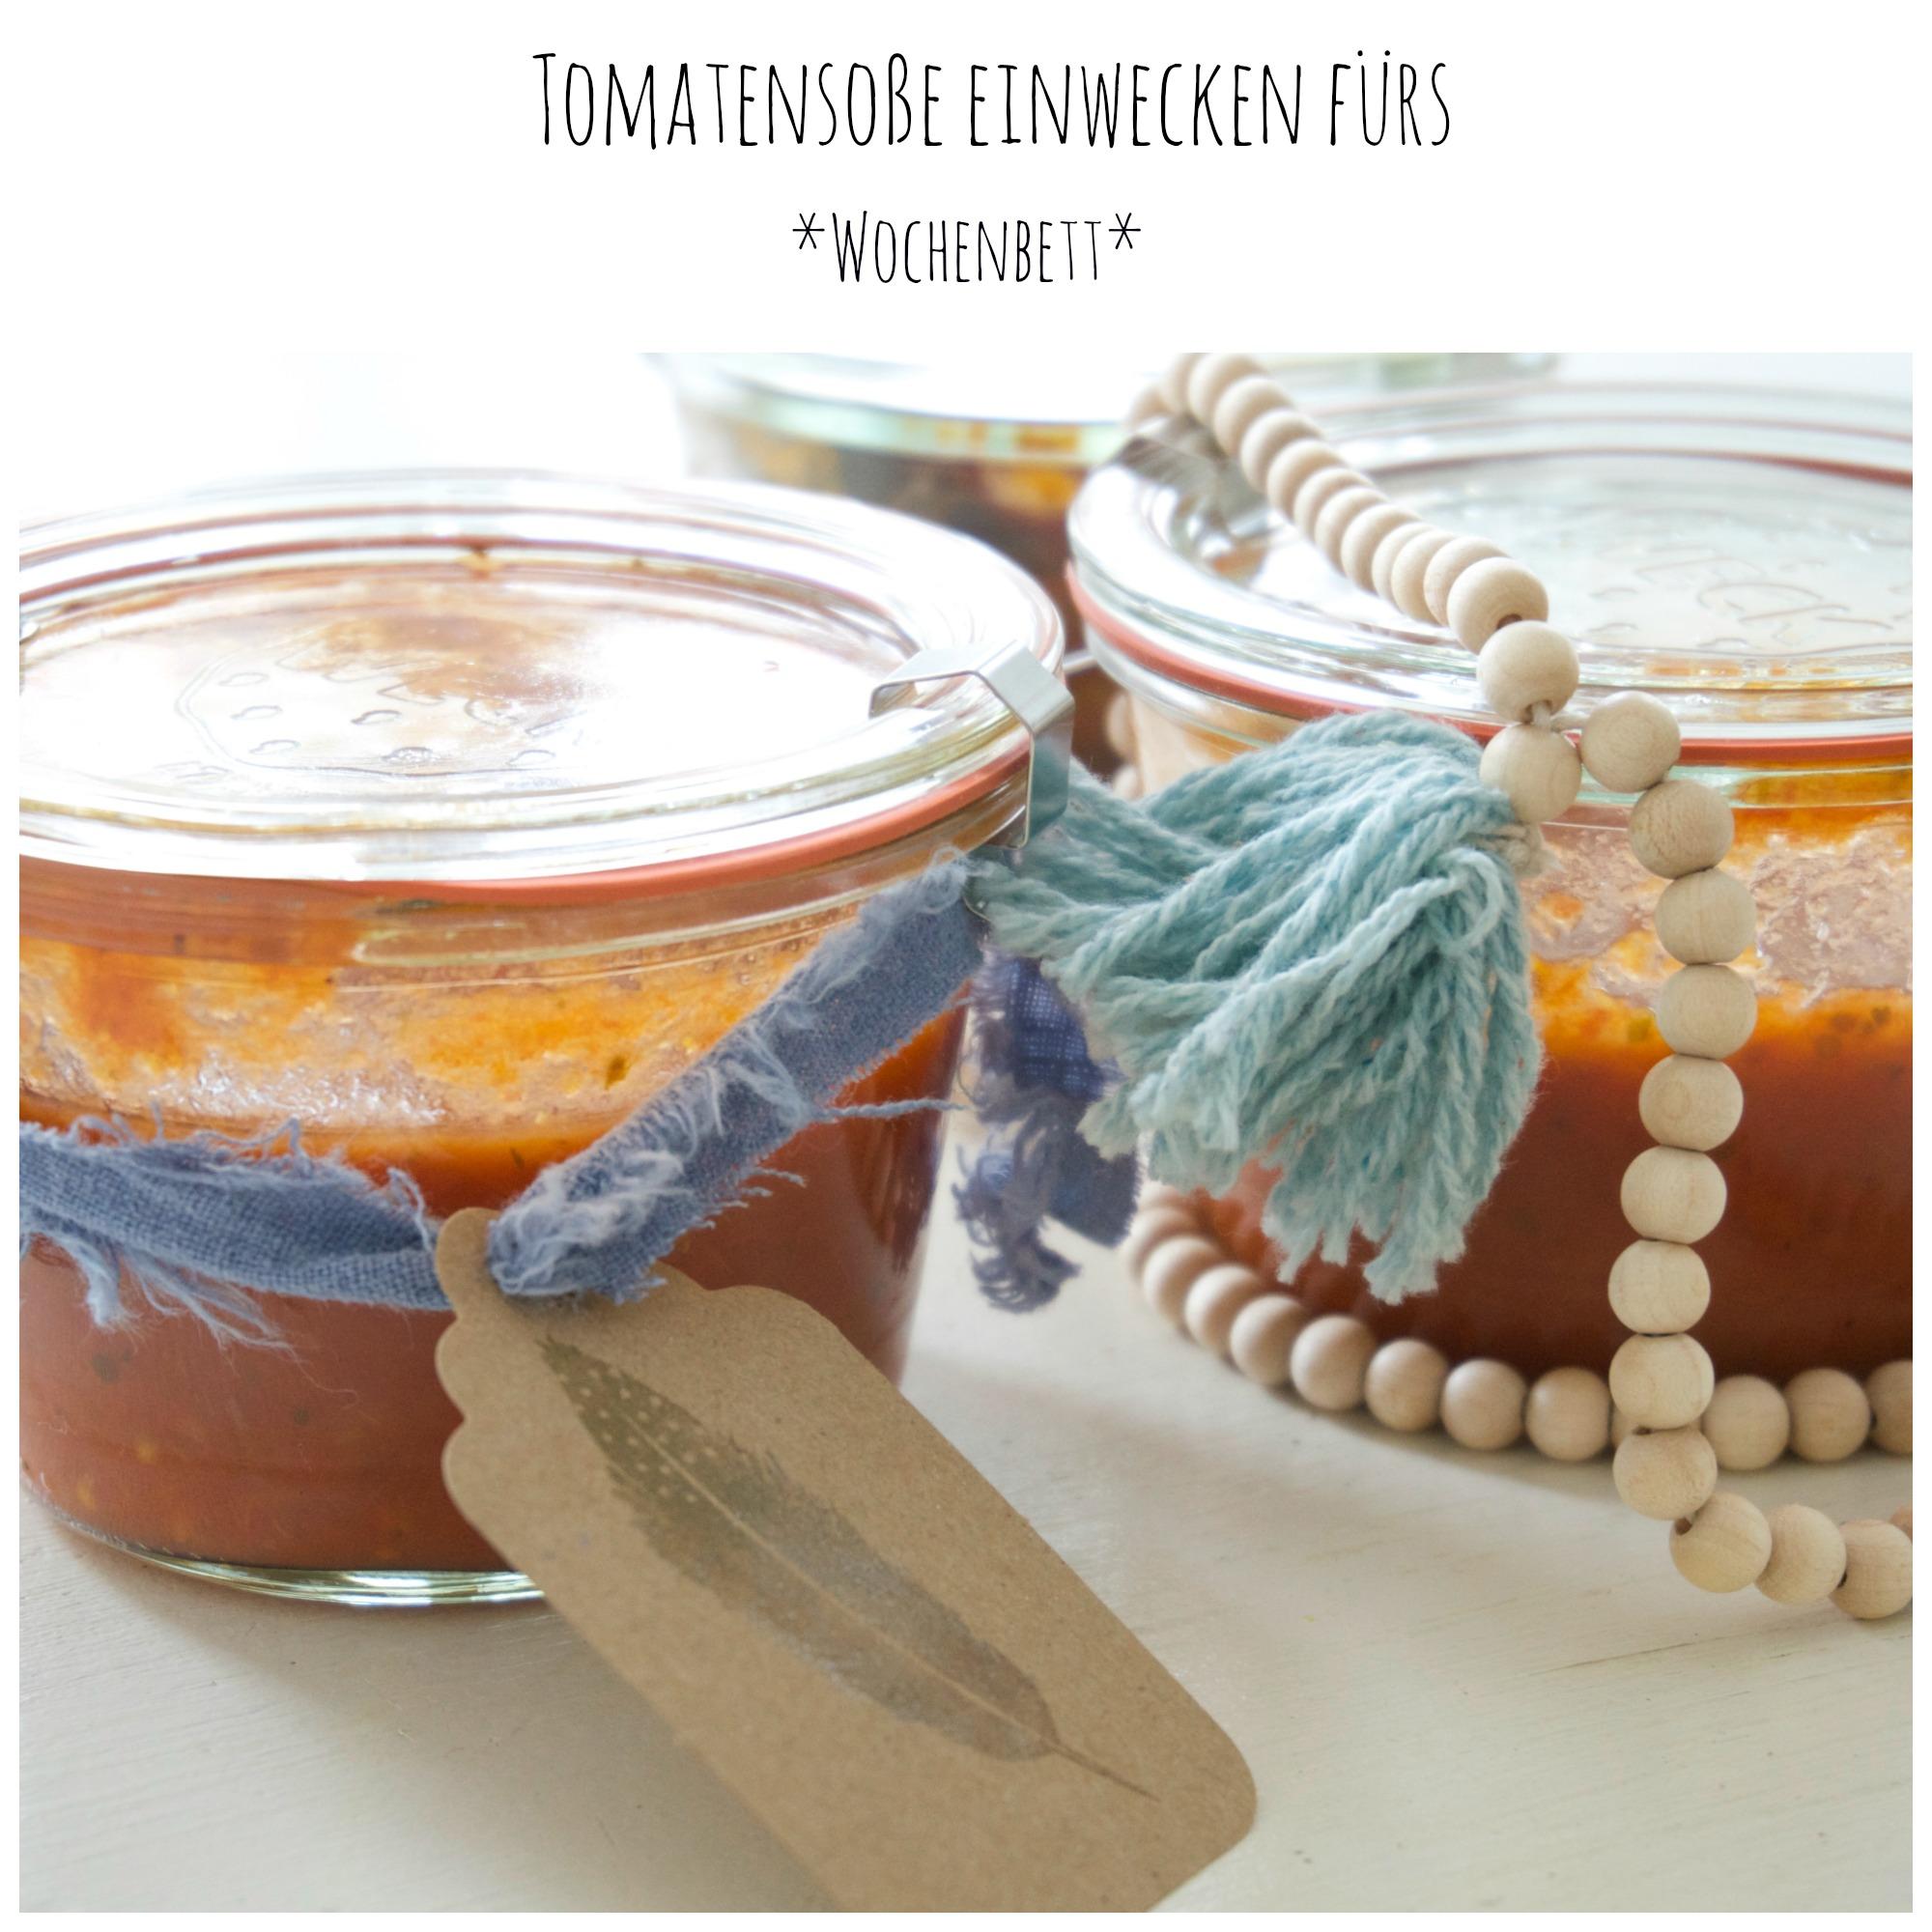 Tomatensoße einwecken